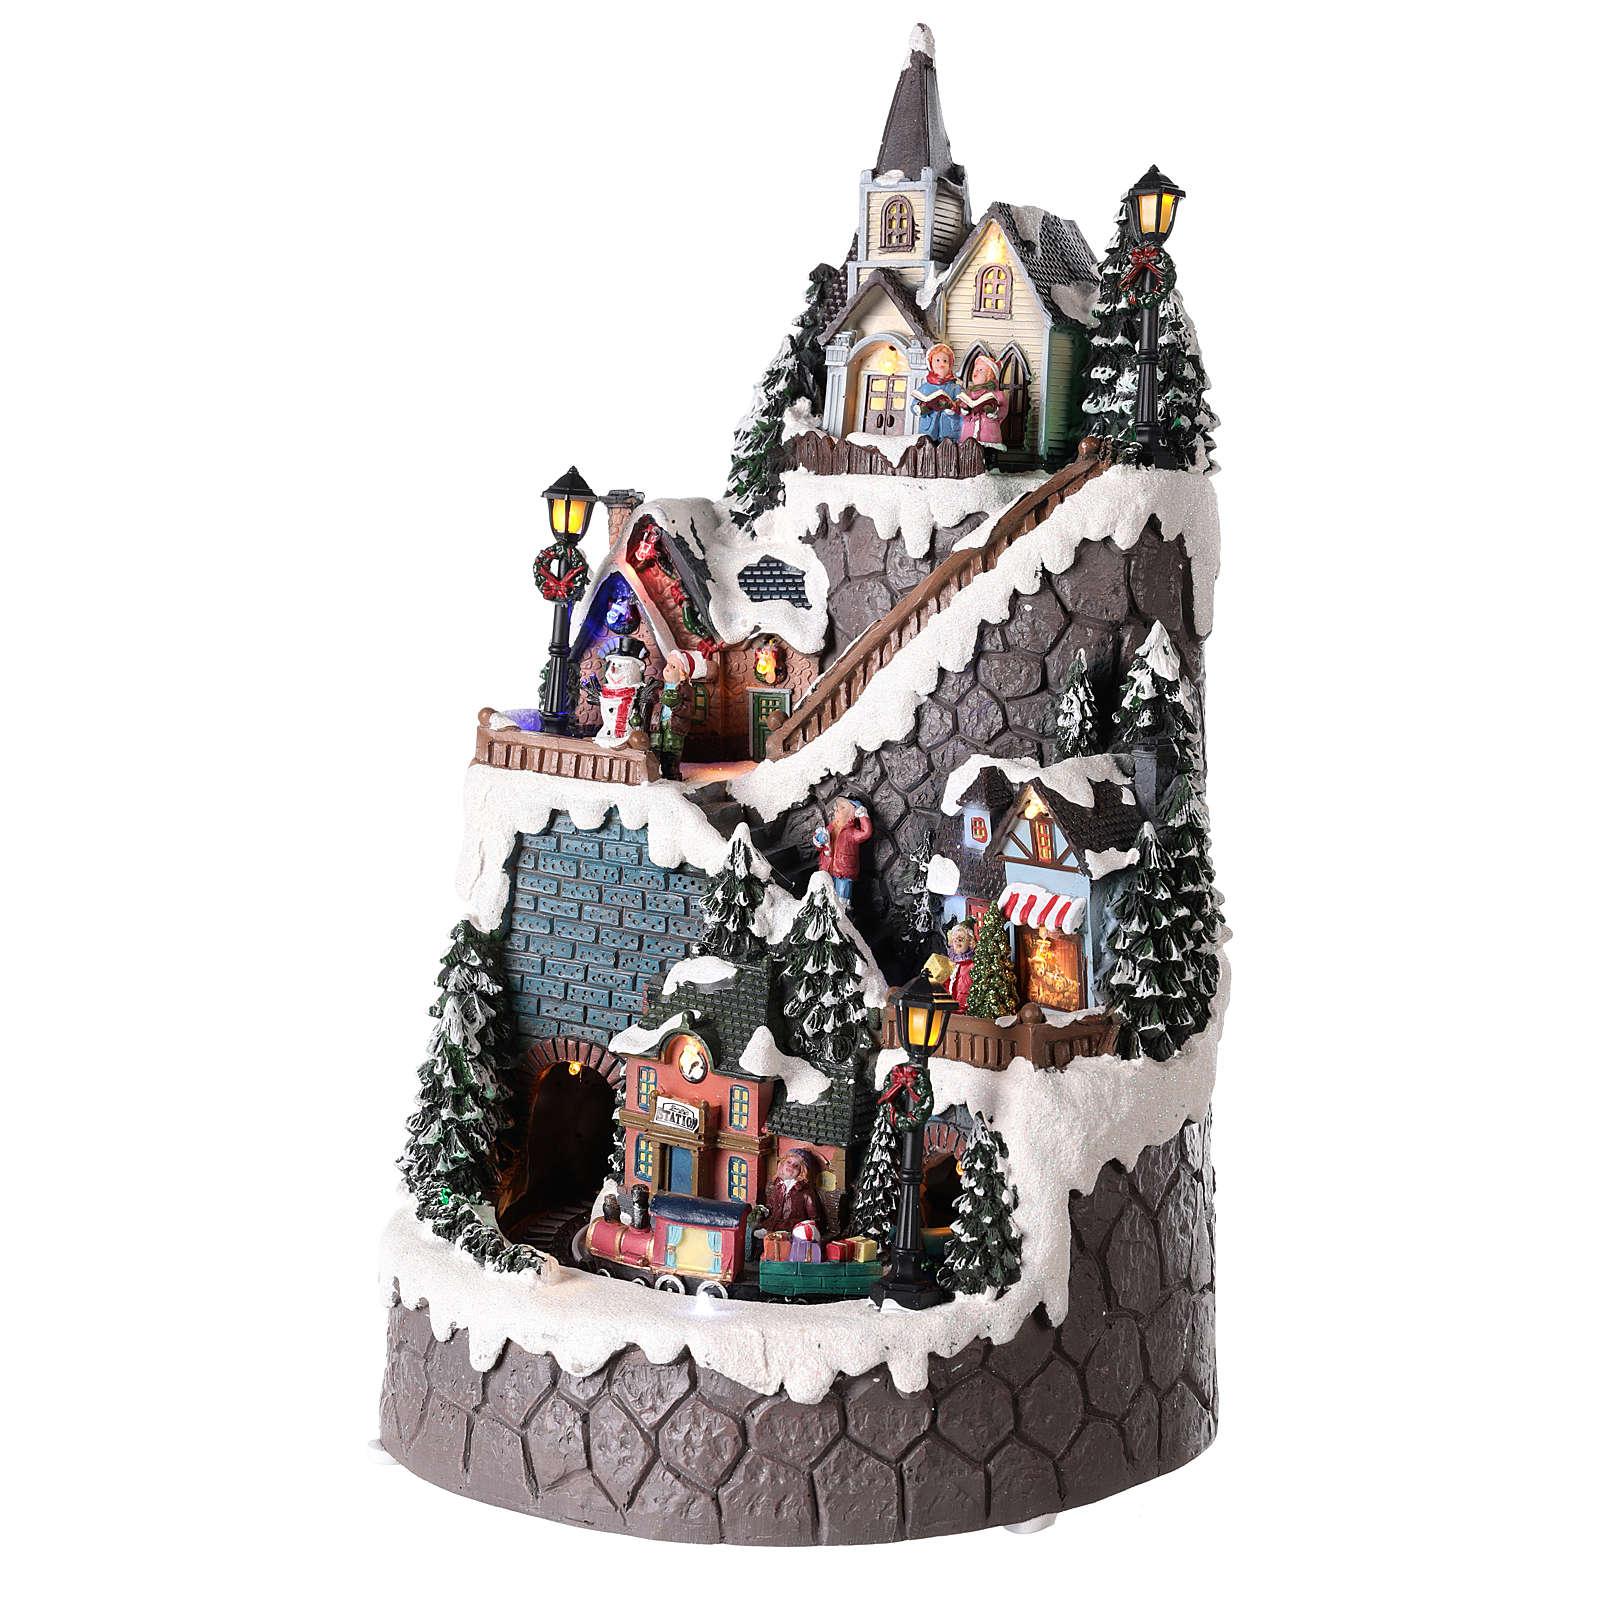 Villaggio natalizio realizzato in resina 42x24 cm strutturato su più livelli 3